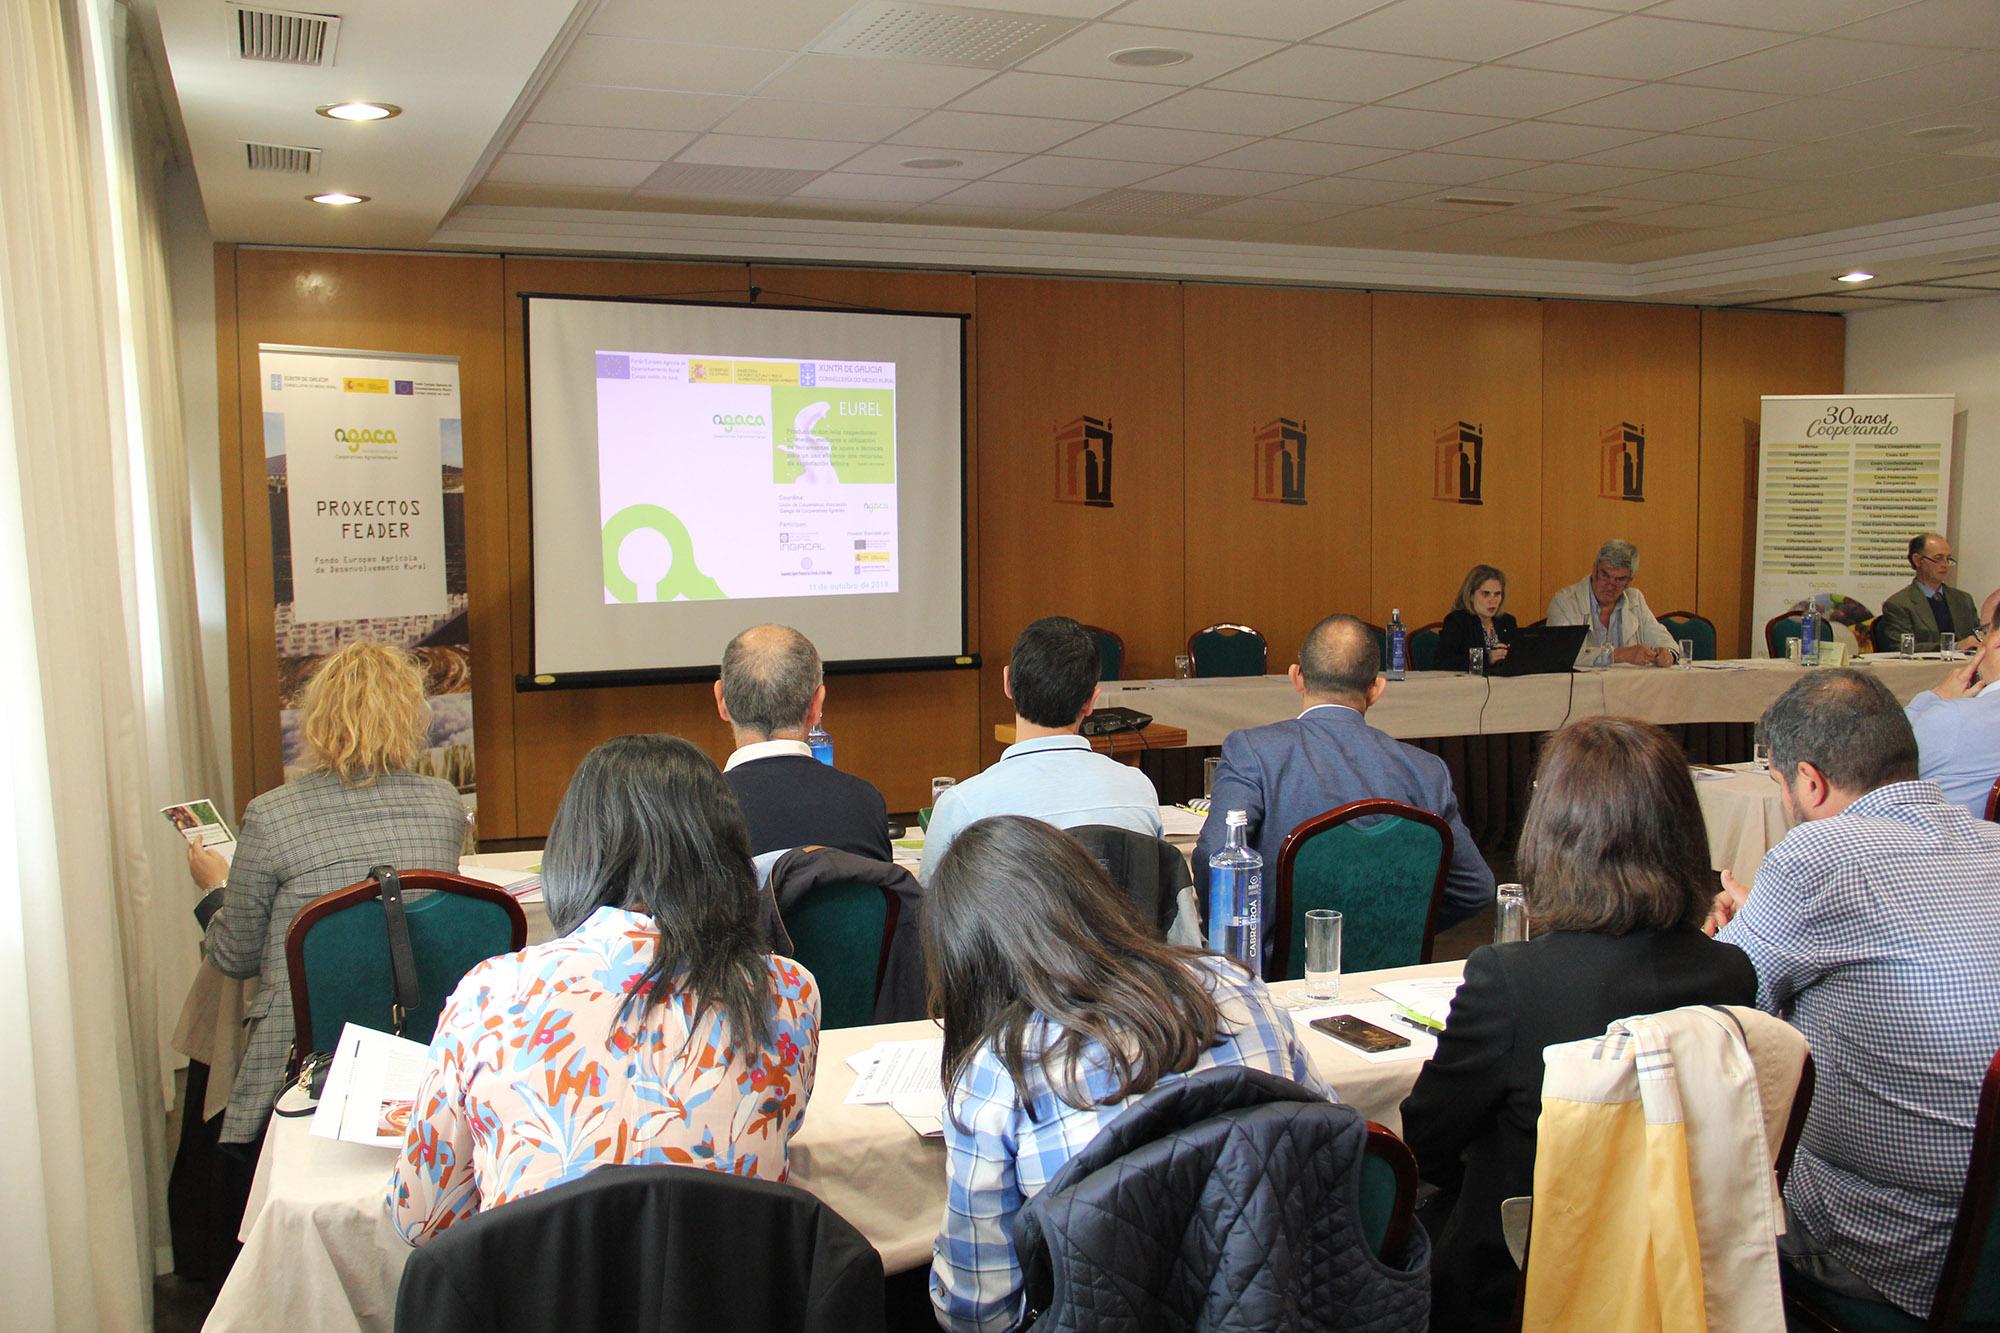 AGACA presentó los resultados de 7 proyectos innovadores para el sector primario